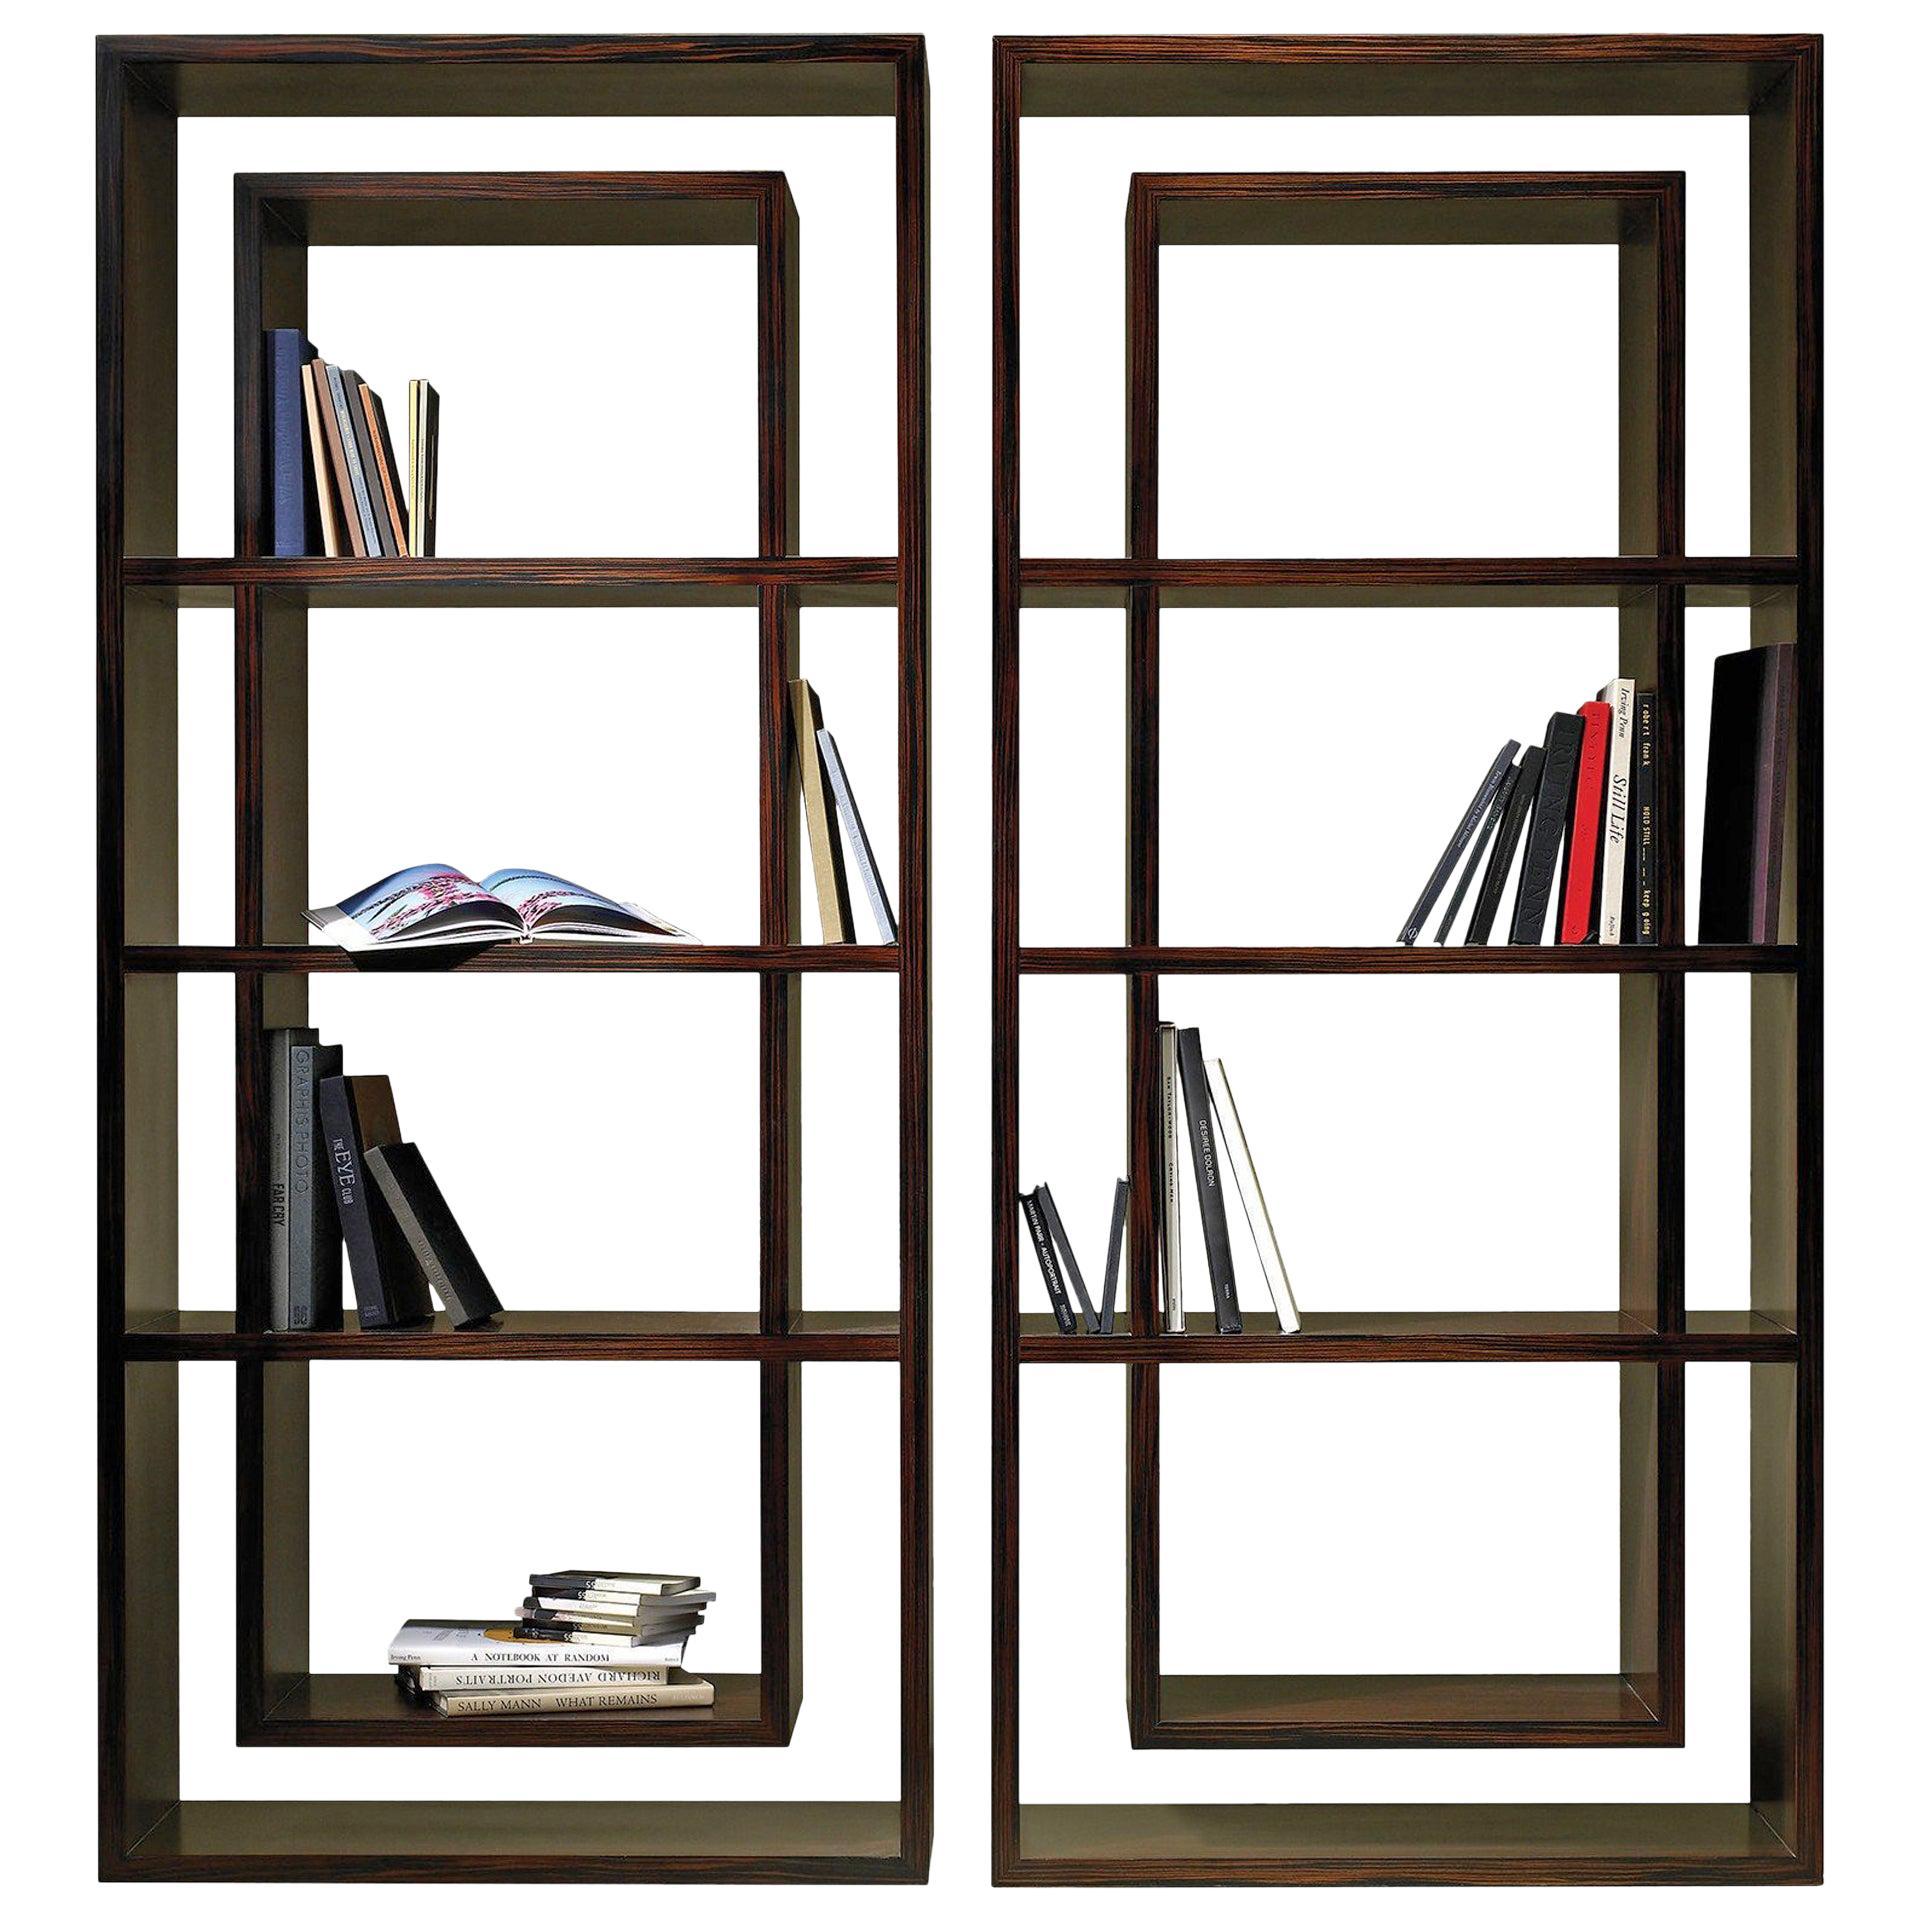 Vertical Contemporary Bookcase by Luísa Peixoto